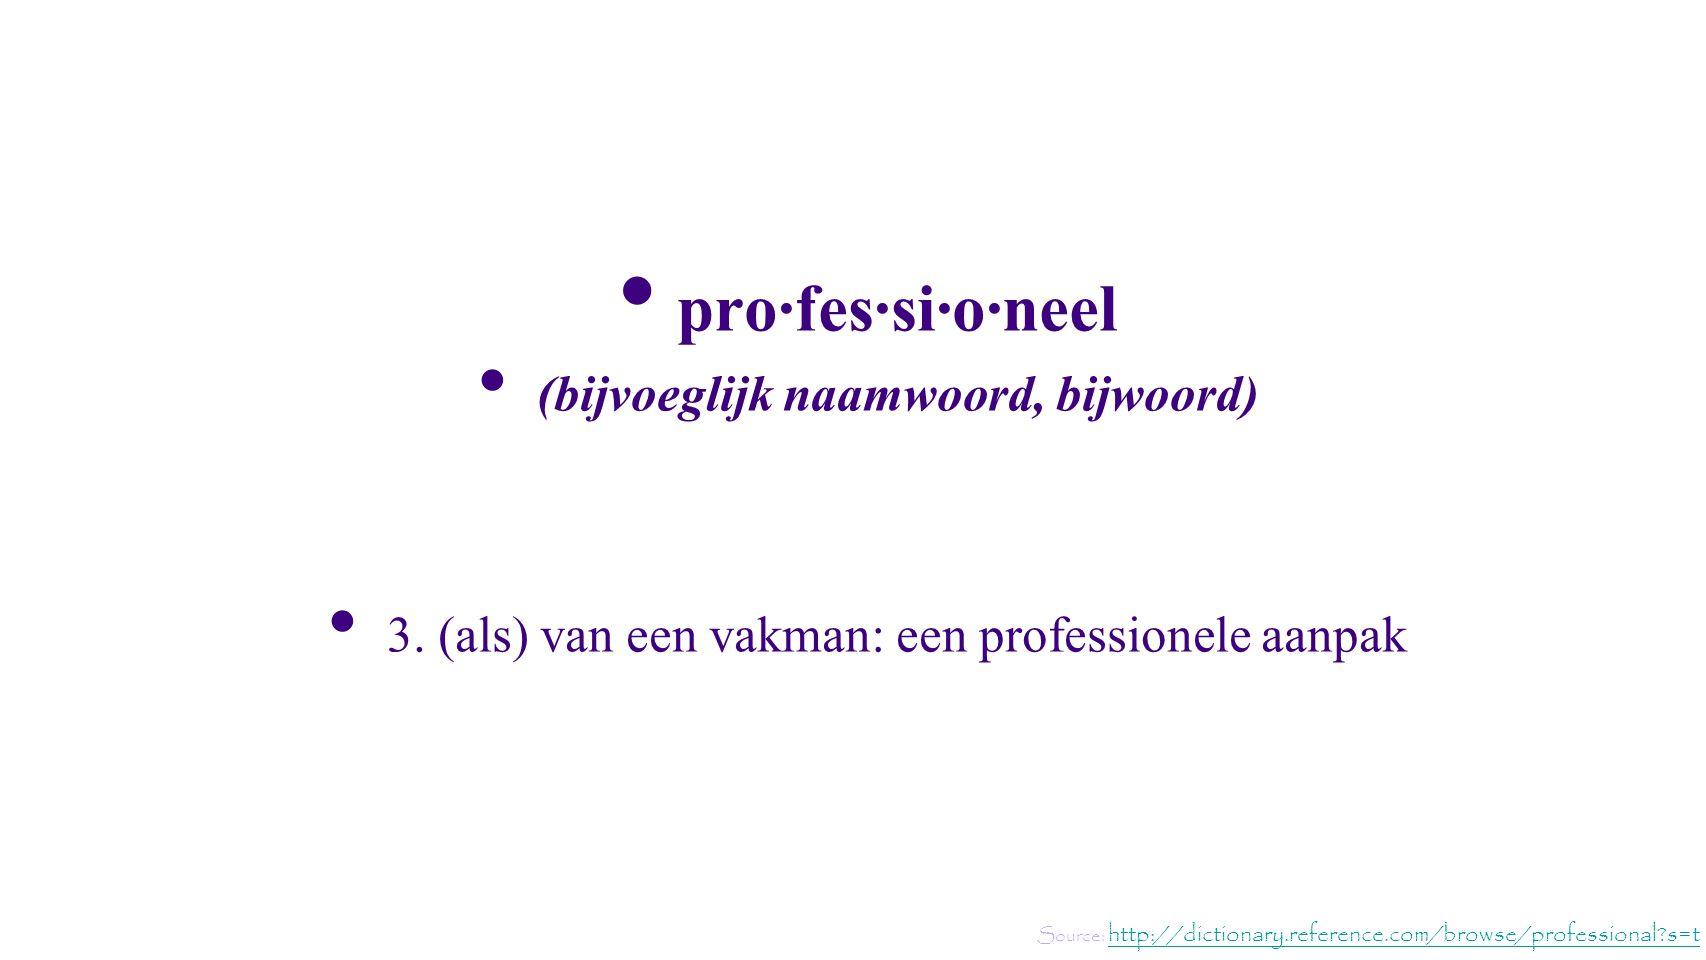 pro·fes·si·o·neel (bijvoeglijk naamwoord, bijwoord) 3.